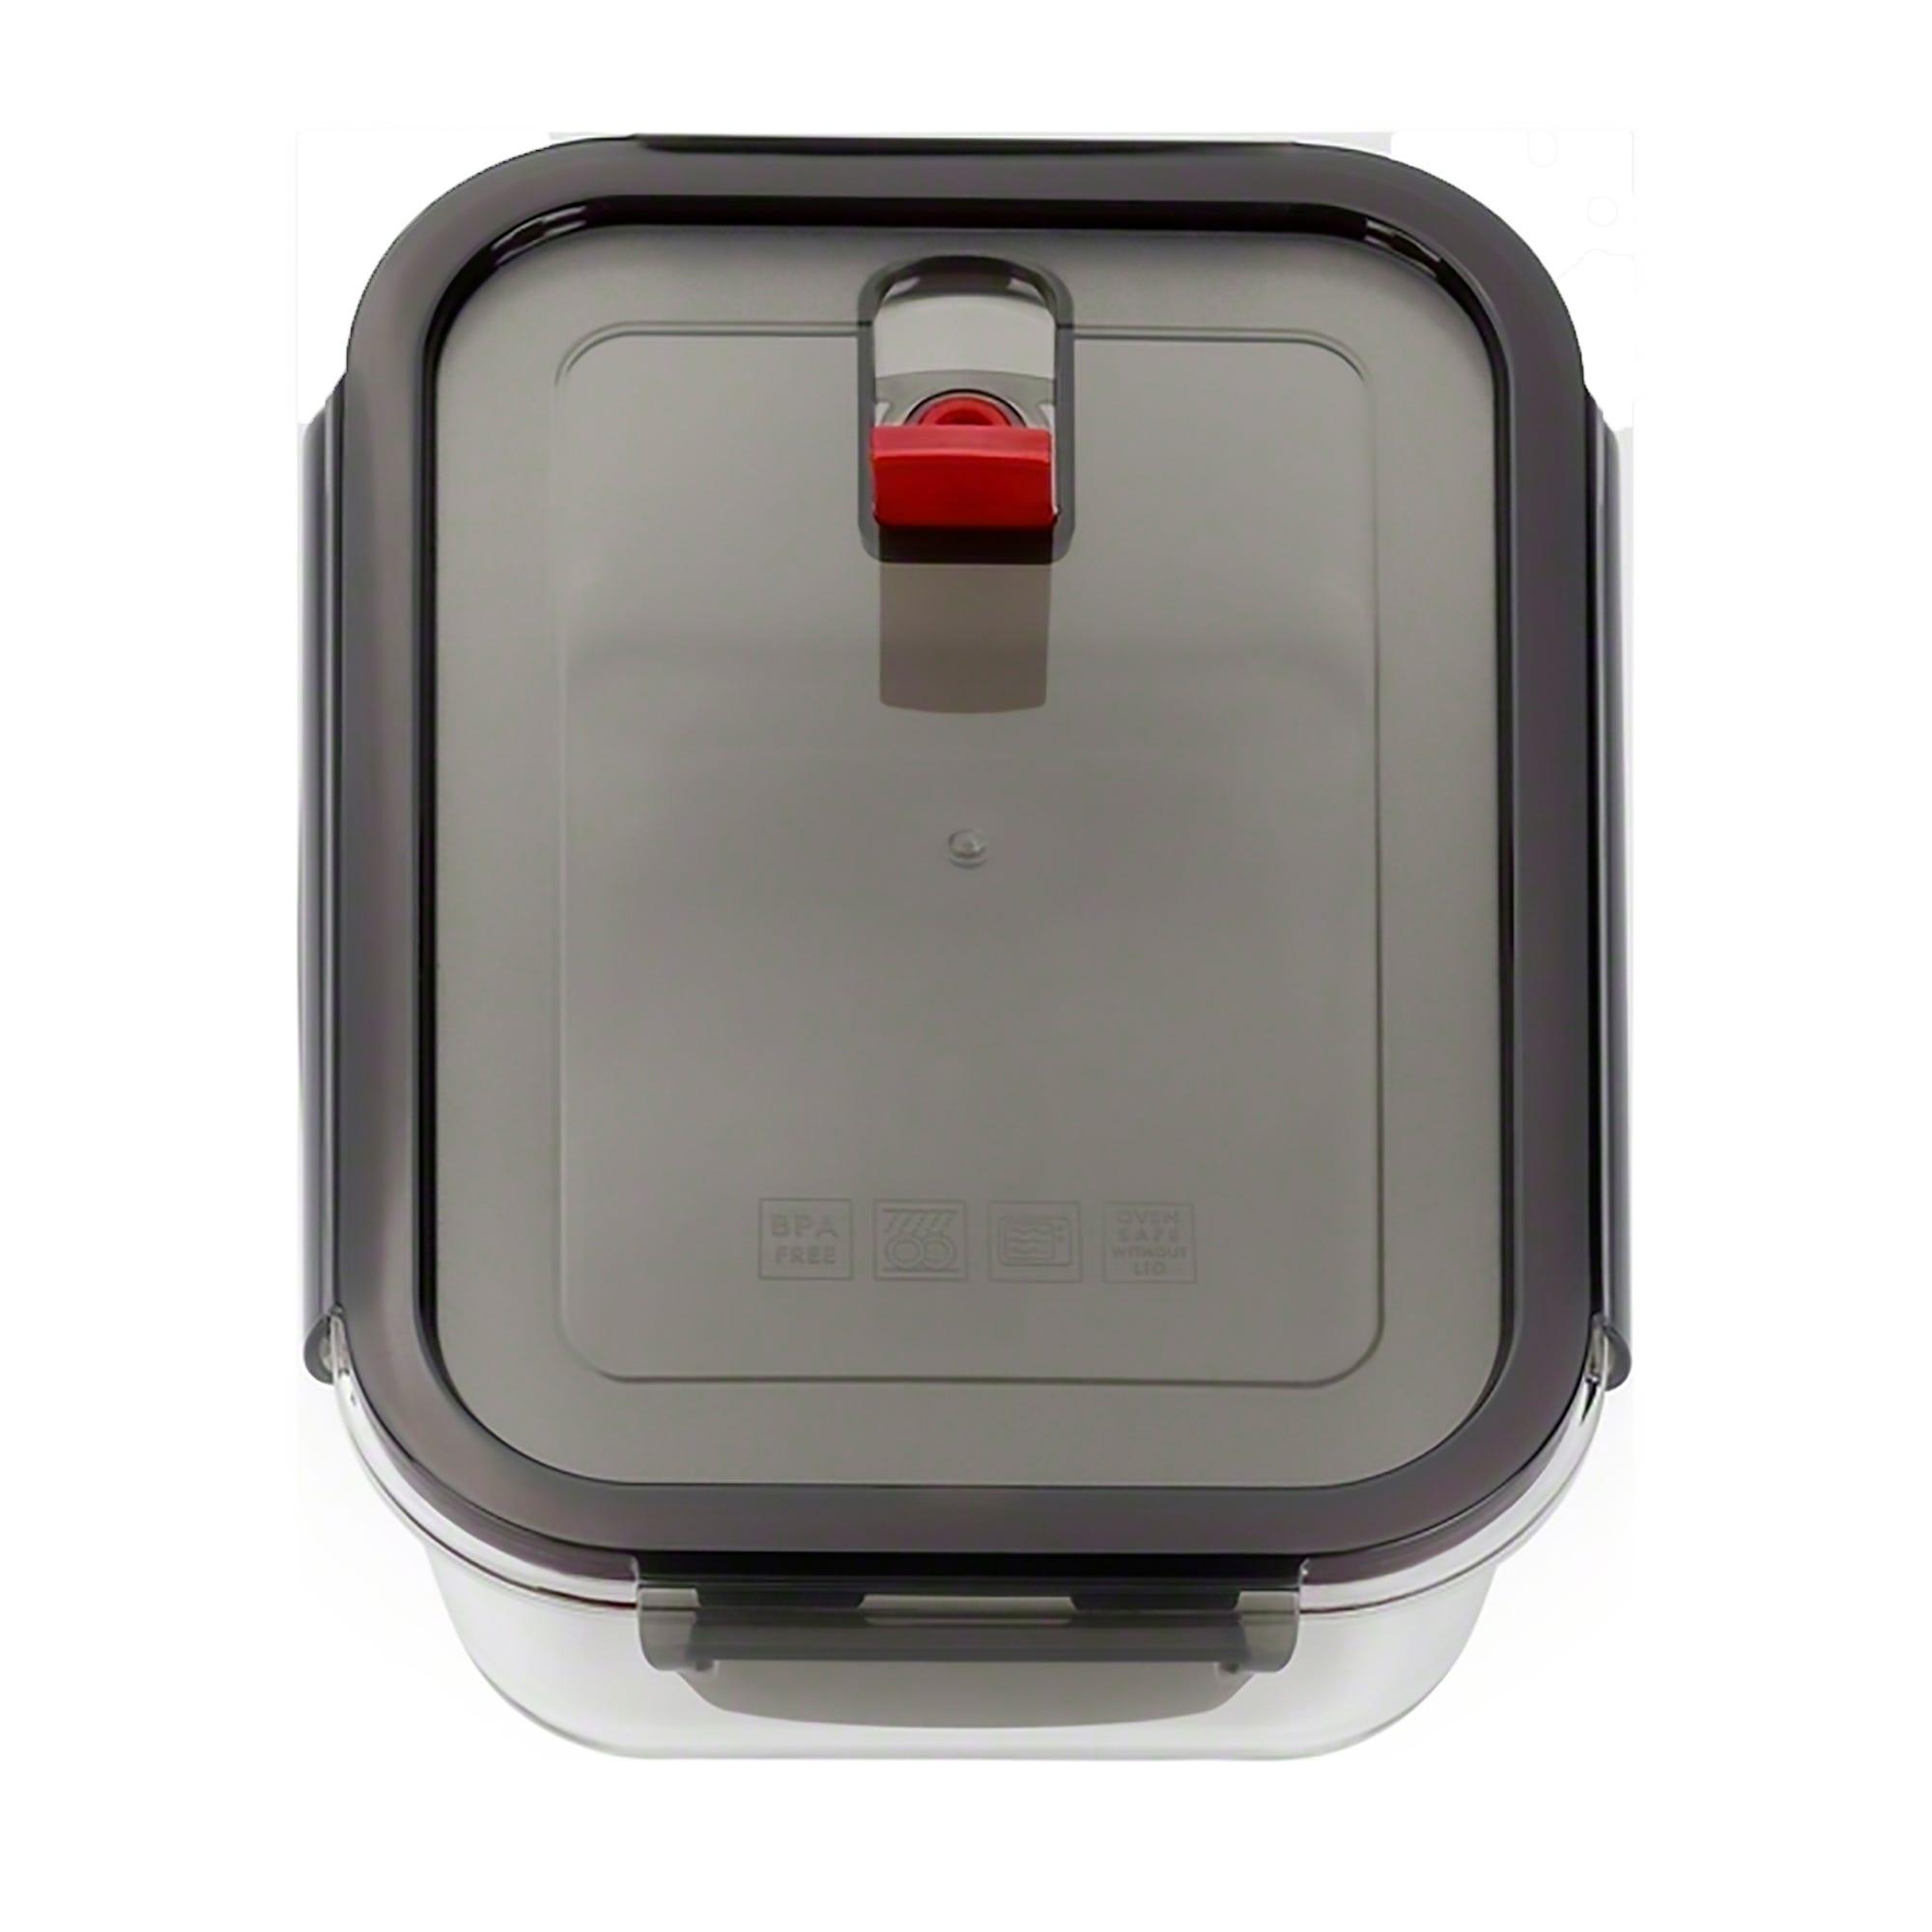 Contenedor de vidrio Zwilling®, rectangular de 1.4 L